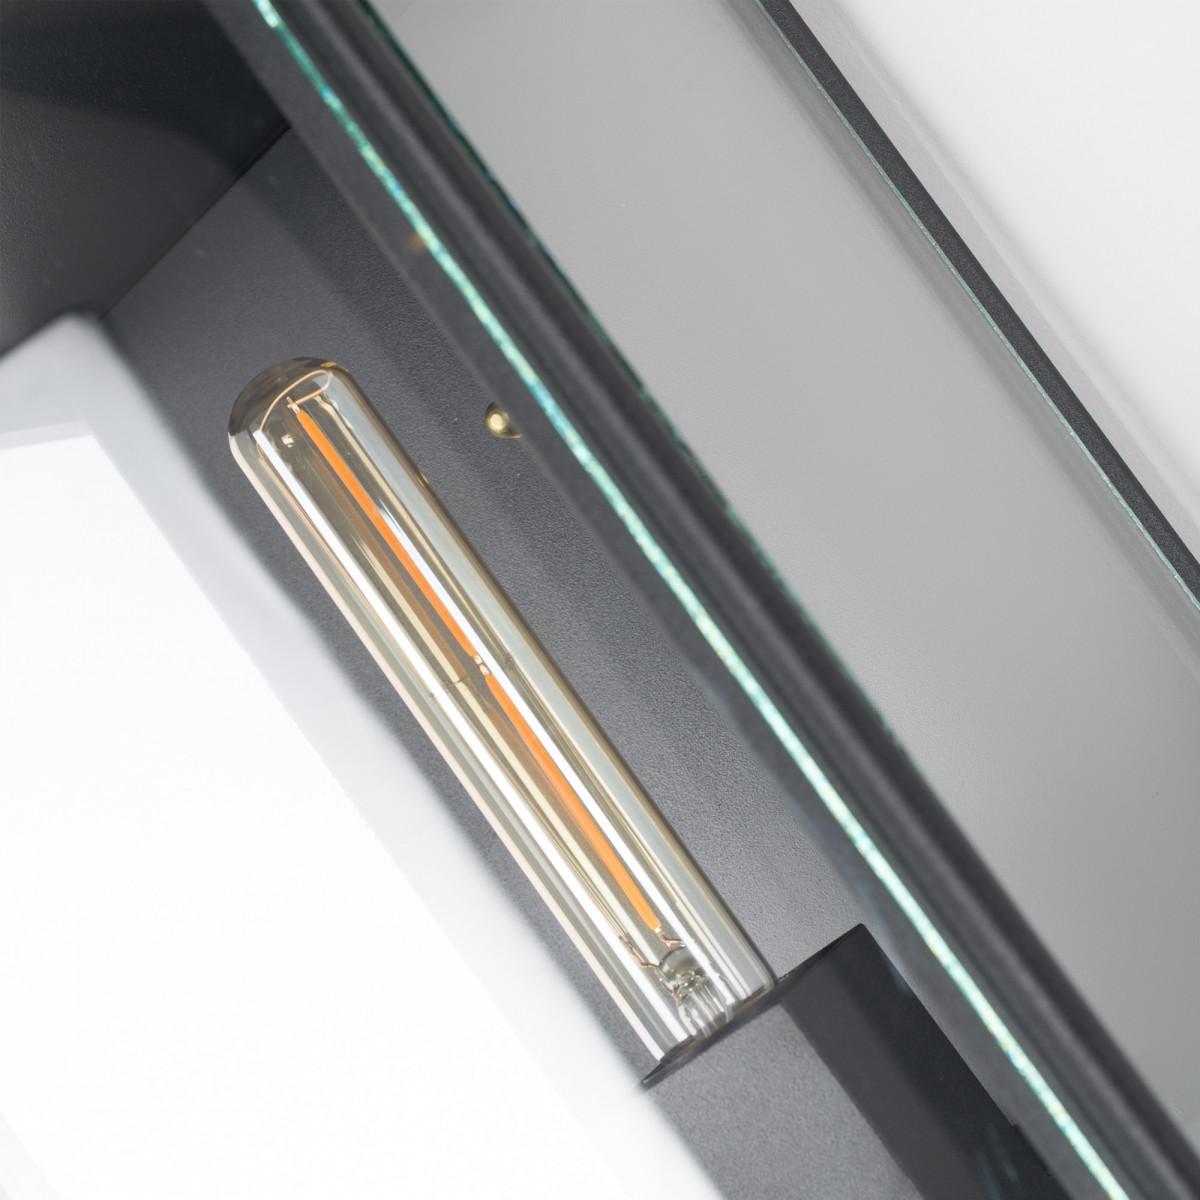 Buitenlamp Capital XL zwart exclusieve buitenverlichting strak klassiek van KS Verlichting met de hand vervaardigde wandverlichting van hoge kwaliteit